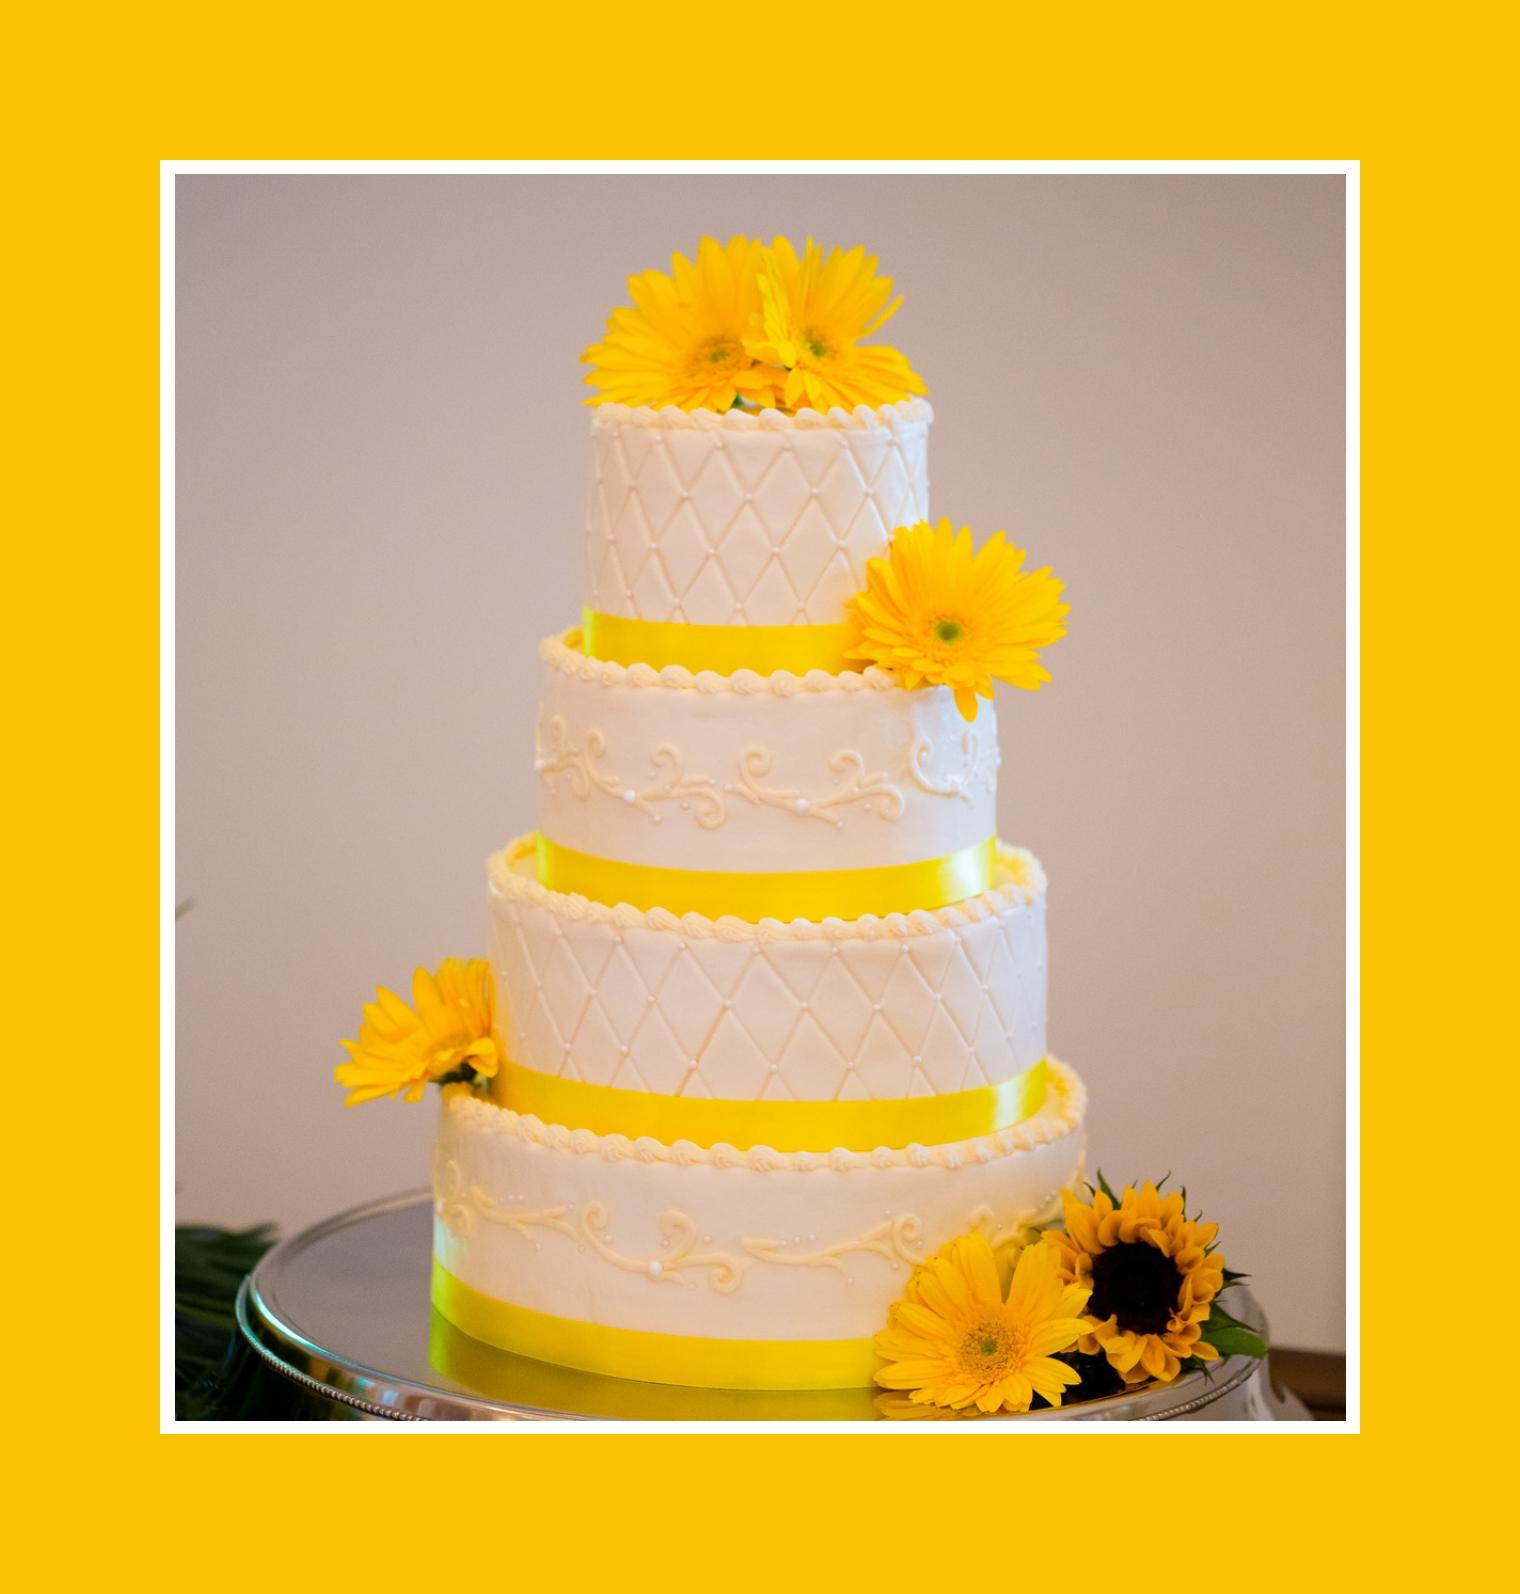 Hochzeitstorte Deko Sonnenblume Pictures to pin on Pinterest